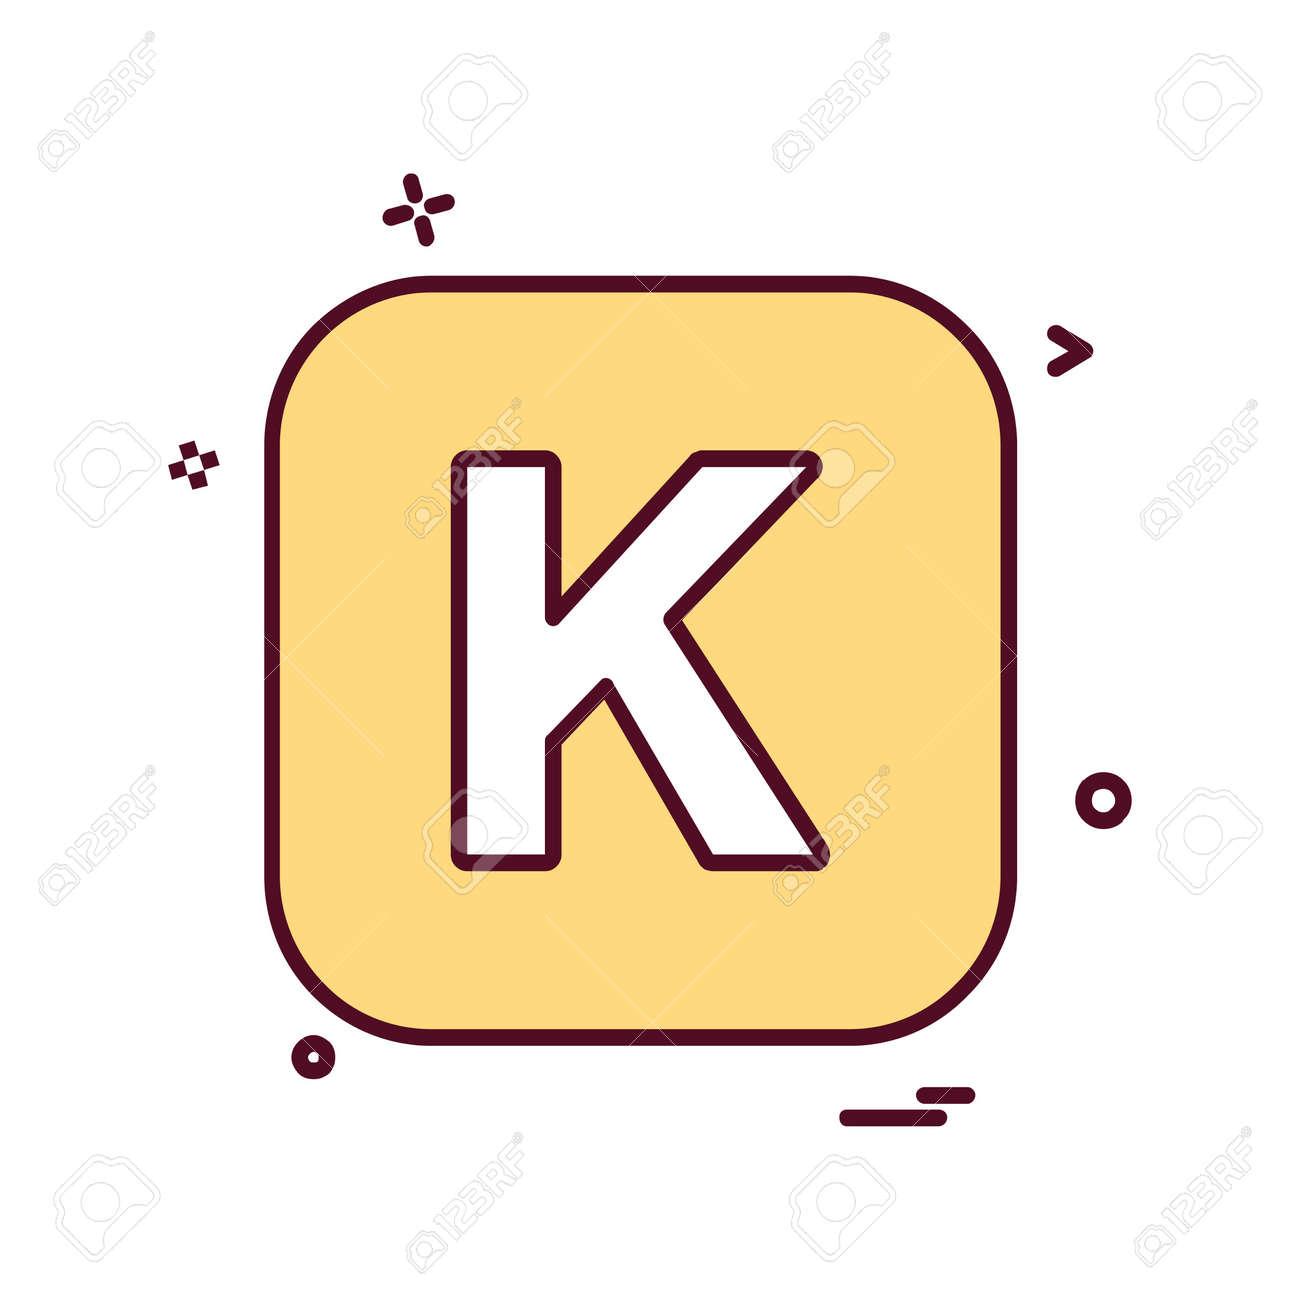 English Alphabets icon design vector - 122160246